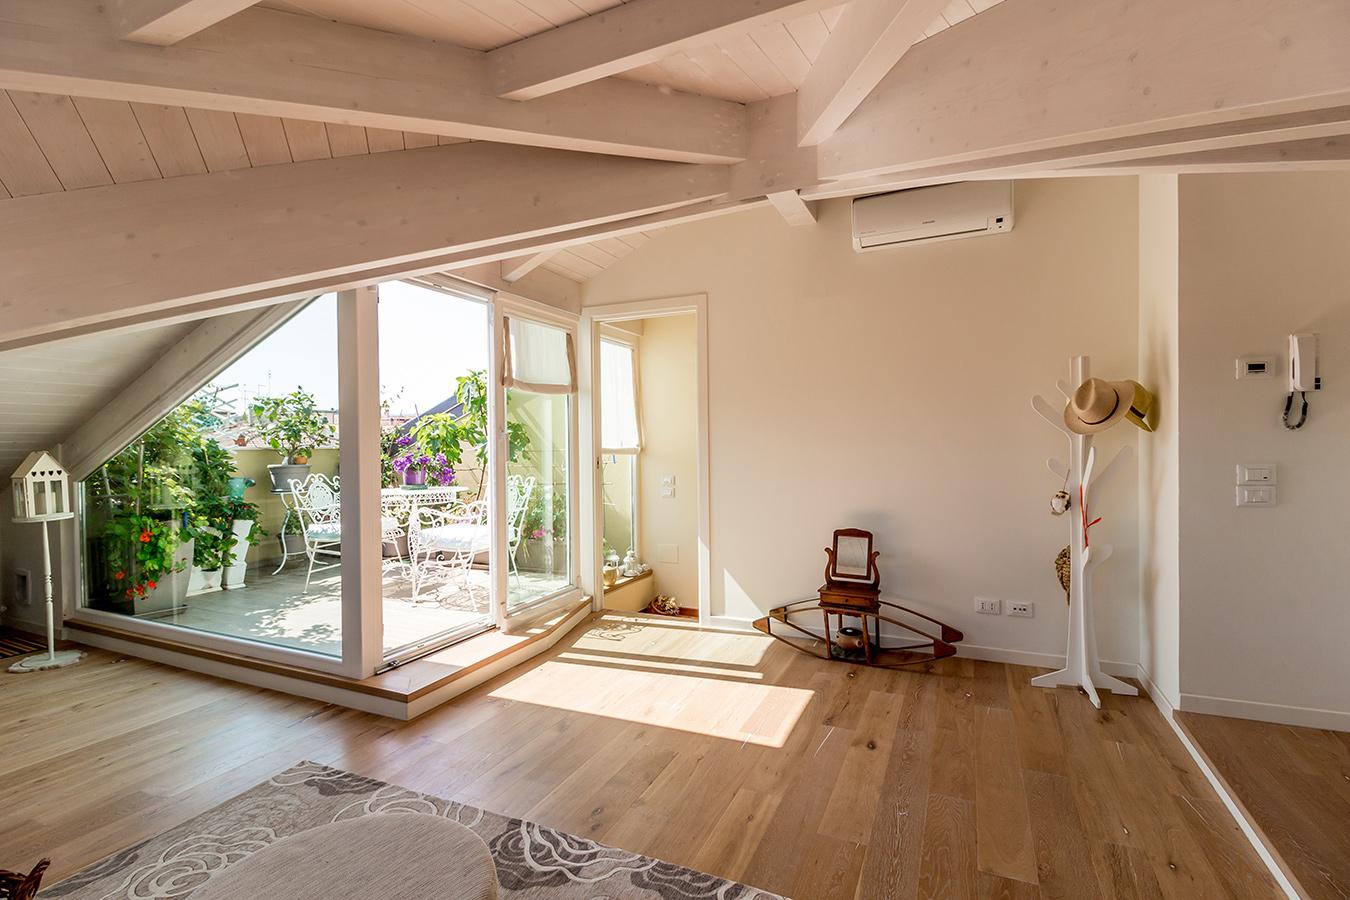 Terrazze in mezzo ai tetti for Creare una casa online